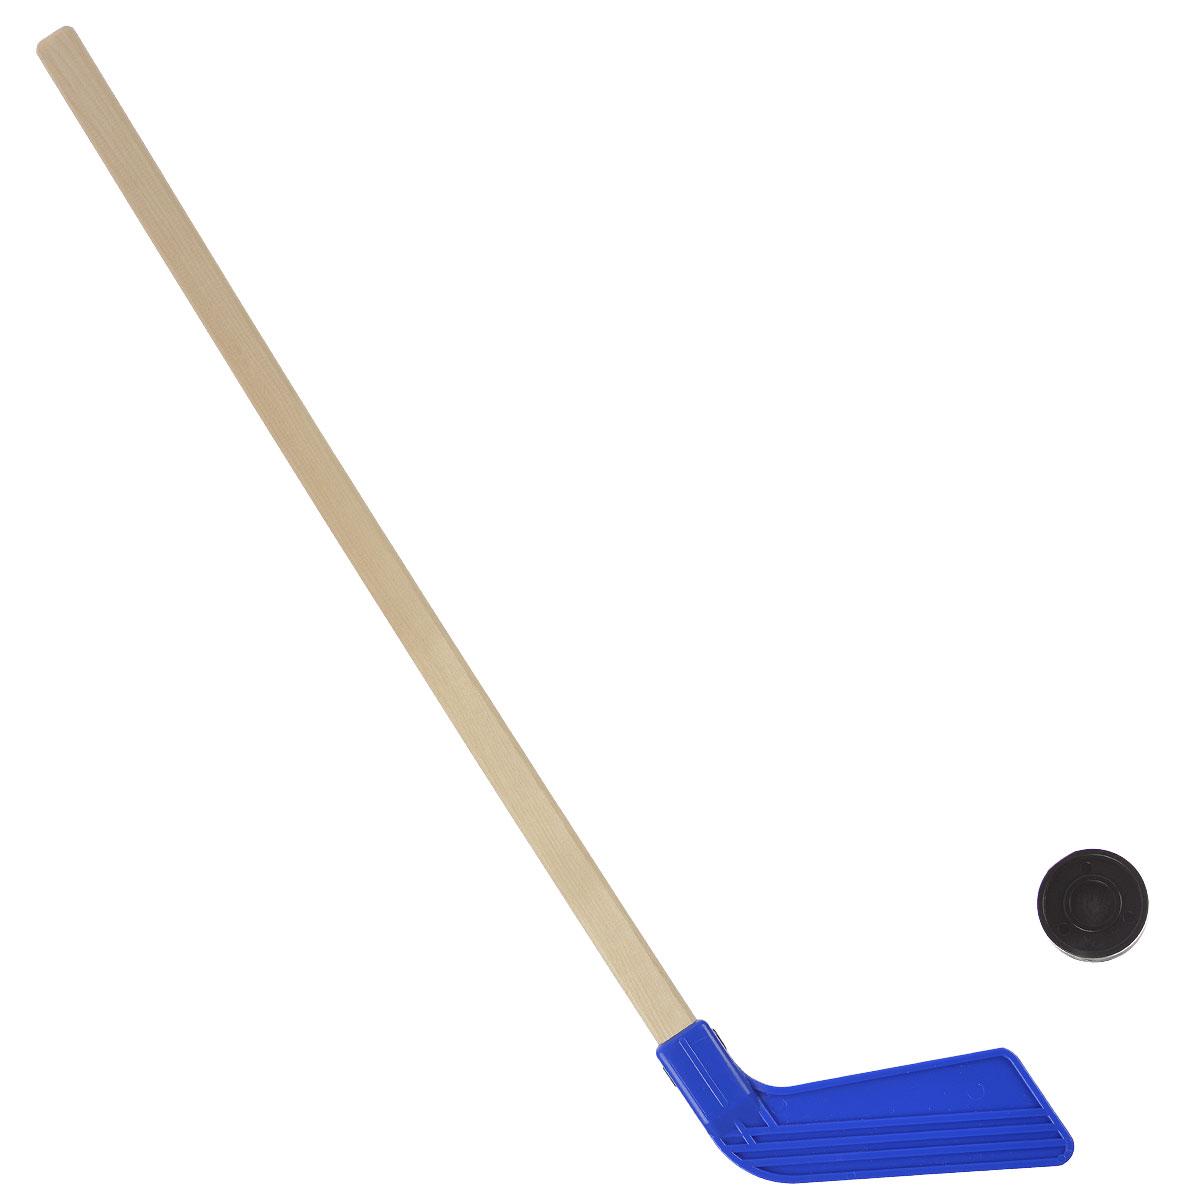 Набор для игры в хоккей Астрон КХЛ. 0020KHL0020KHLНабор для игры в хоккей Астрон КХЛ будет полезным подарком для маленьких любителей подвижных игр и активного отдыха. Набор включает в себя деревянную клюшку с пластиковой насадкой и пластиковую шайбу. Хоккейный набор поможет в приобщении ребенка к спорту, а также доставит много радости и принесет большое количество новых впечатлений. Приобретая набор для игры в хоккей, вы обеспечите малышу весело проведенное время и крепкое здоровье, ведь активные игры на природе очень полезны.